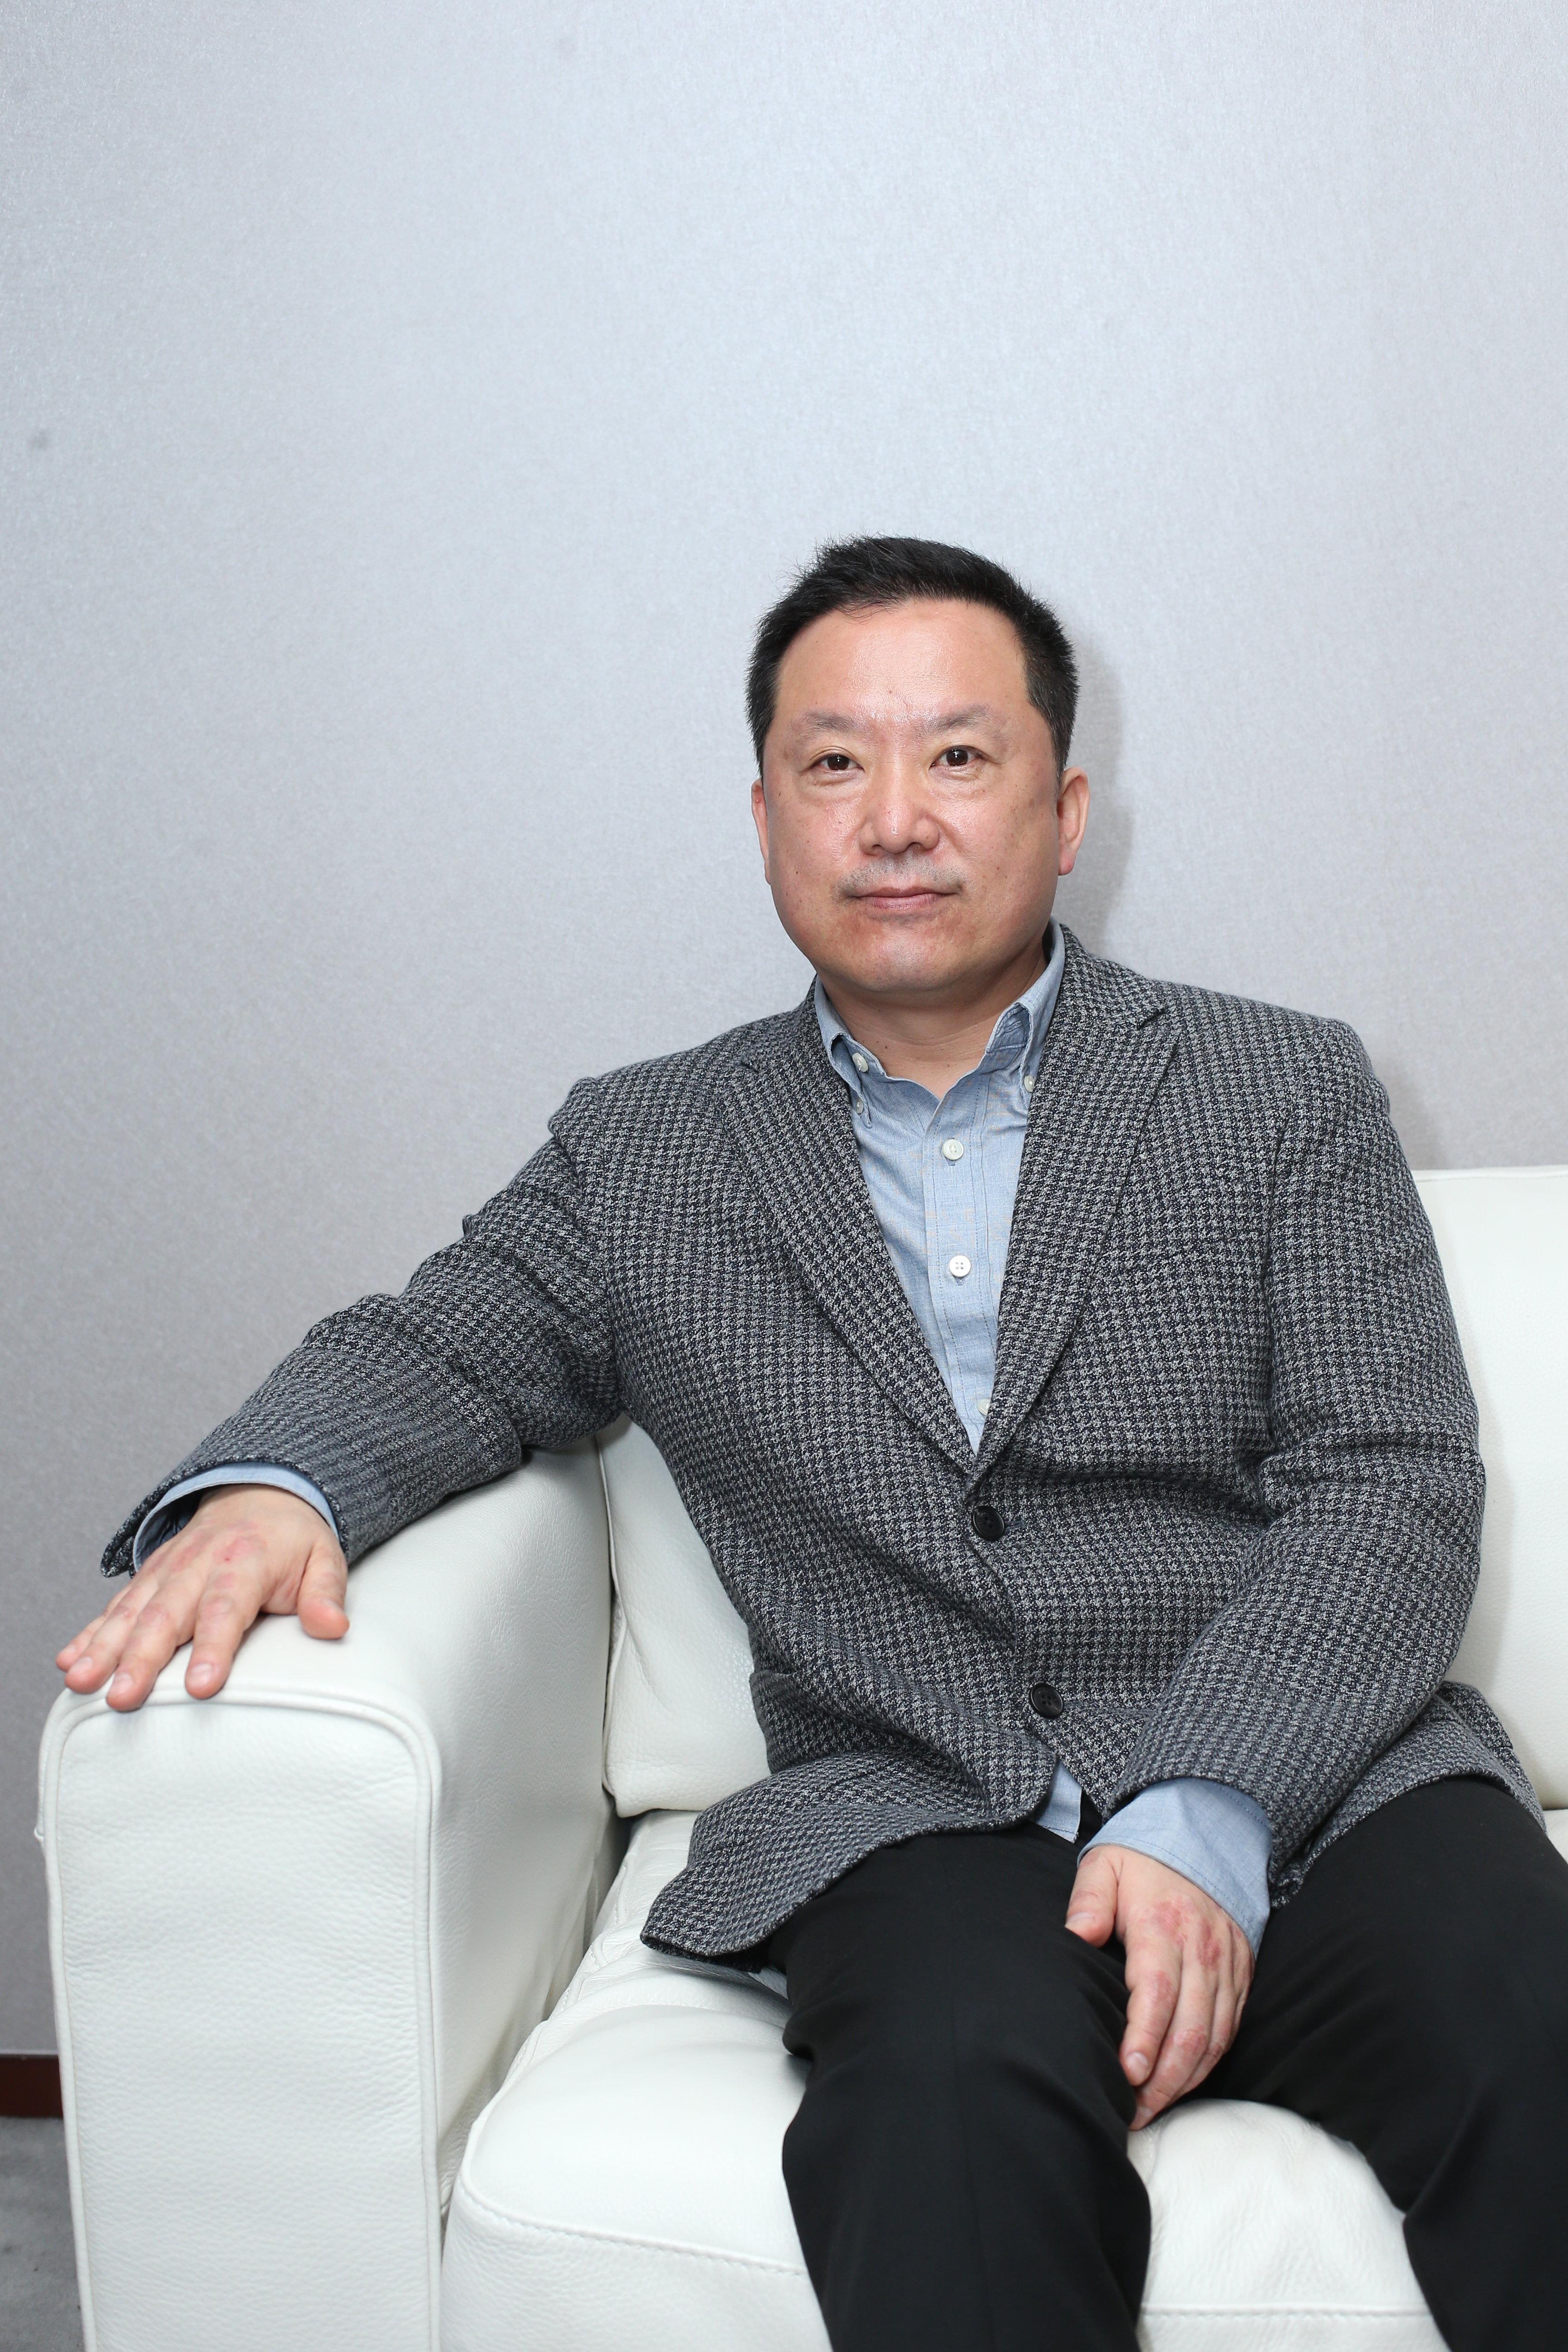 《5時恭候的證人》導演李翰